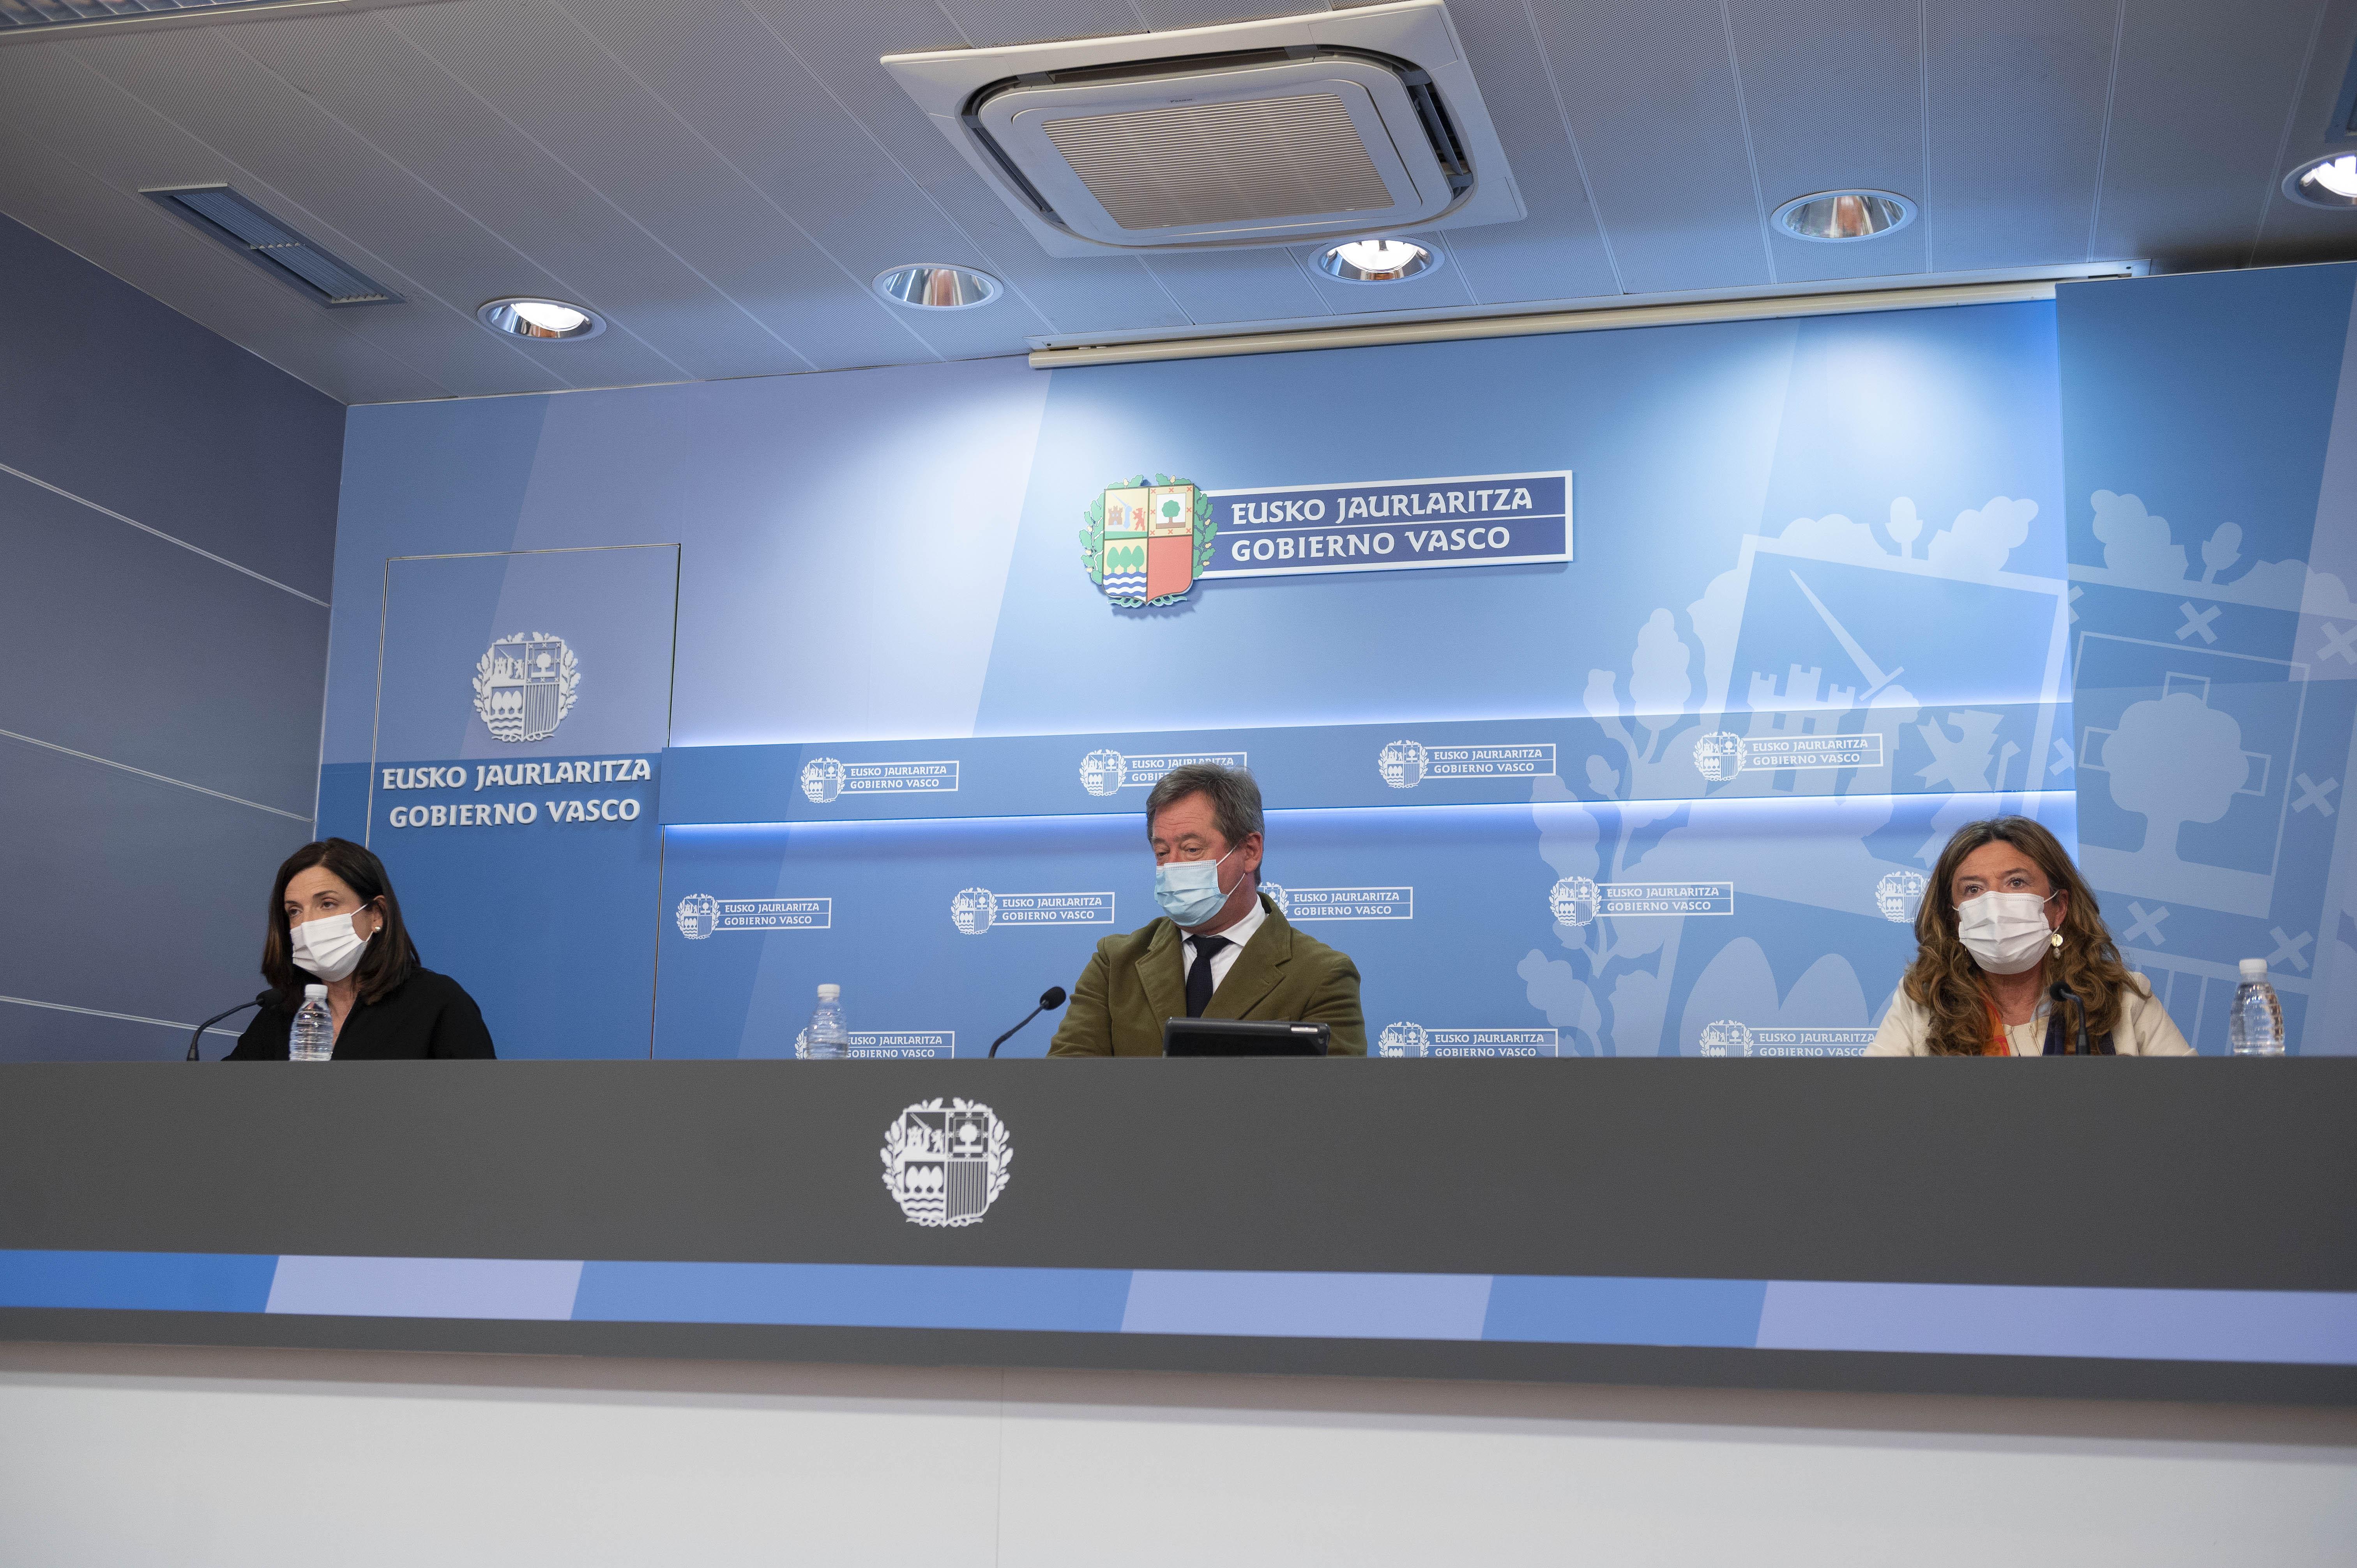 Eusko Jaurlaritzak Astrazenecarekiko lasaitasun mezua berretsi du eta Euskadin txertaketa kanpainak aurrera jarraitzen duela adierazi du [23:22]